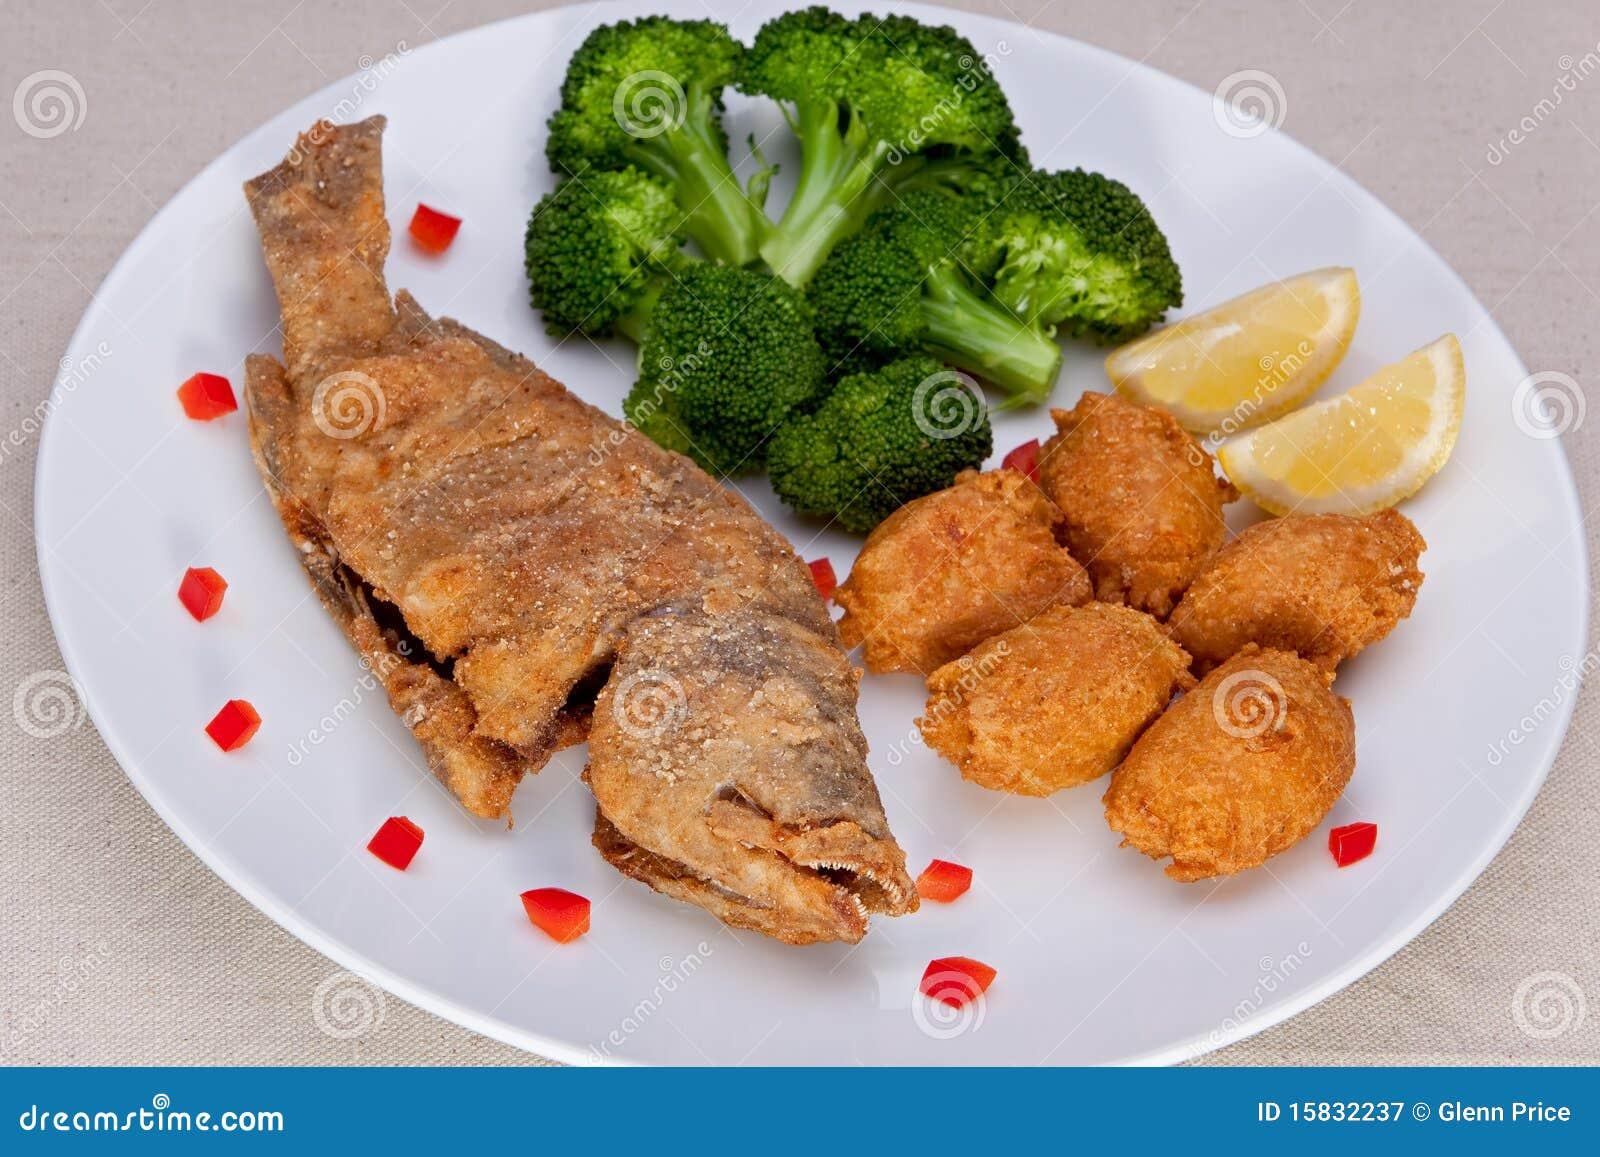 Fried fish dinner for Best fish dinner near me